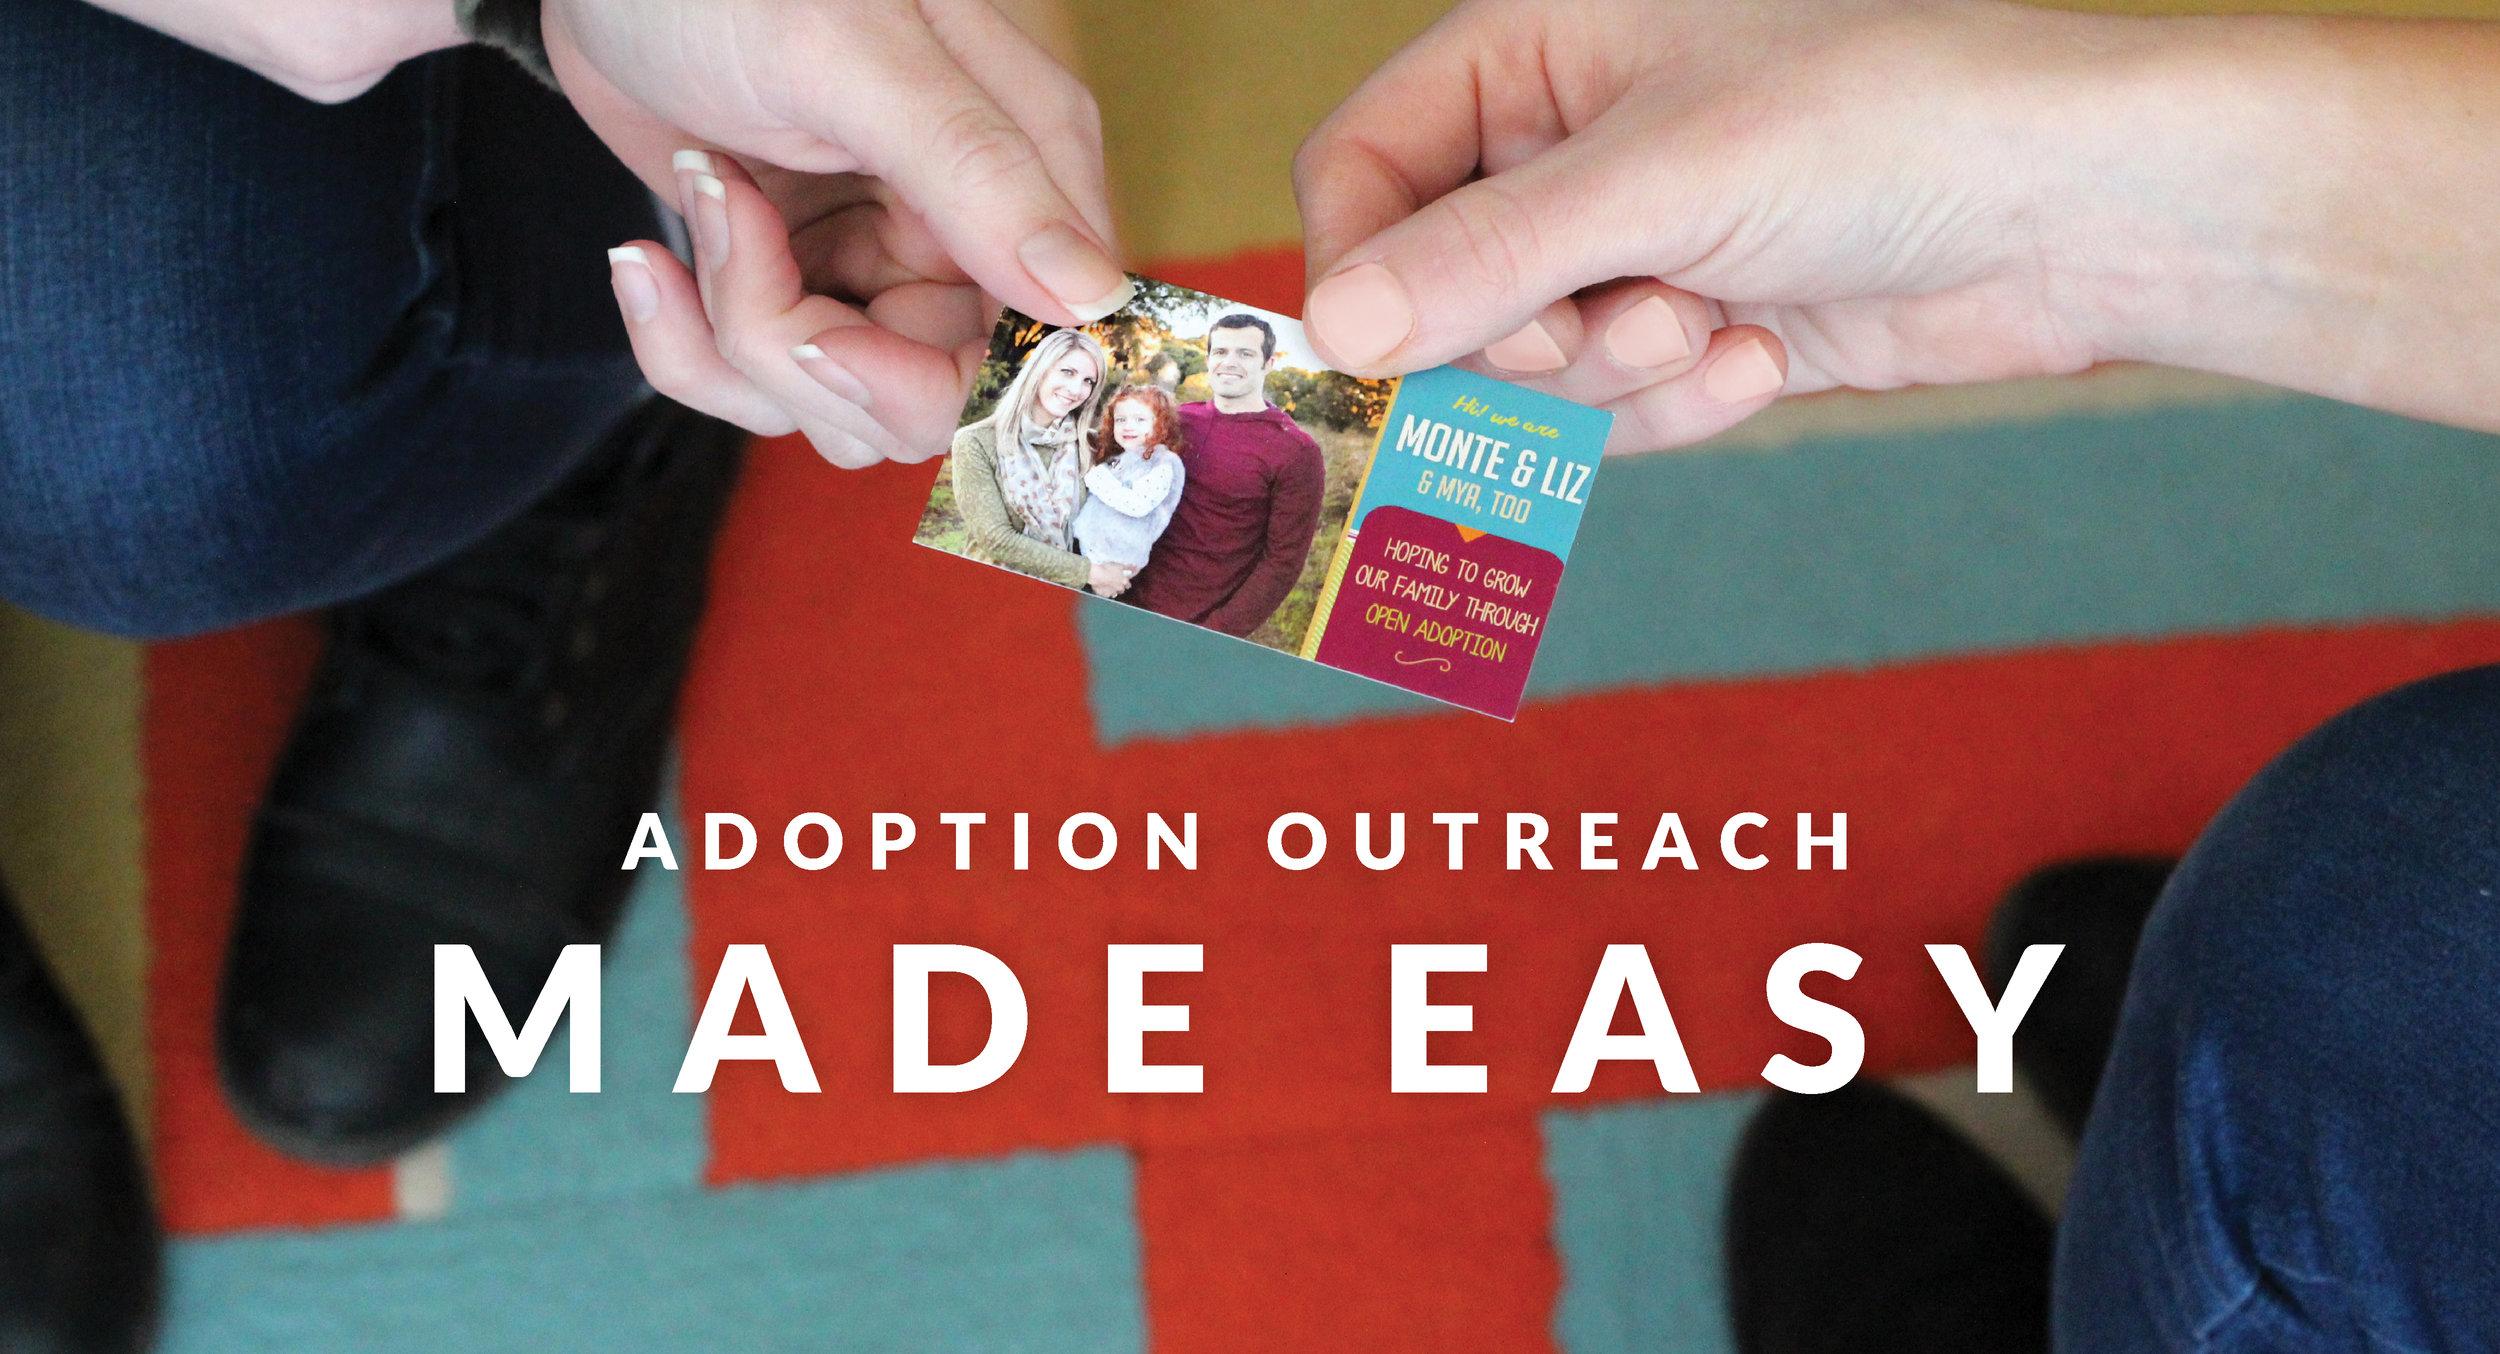 Adoption outreach